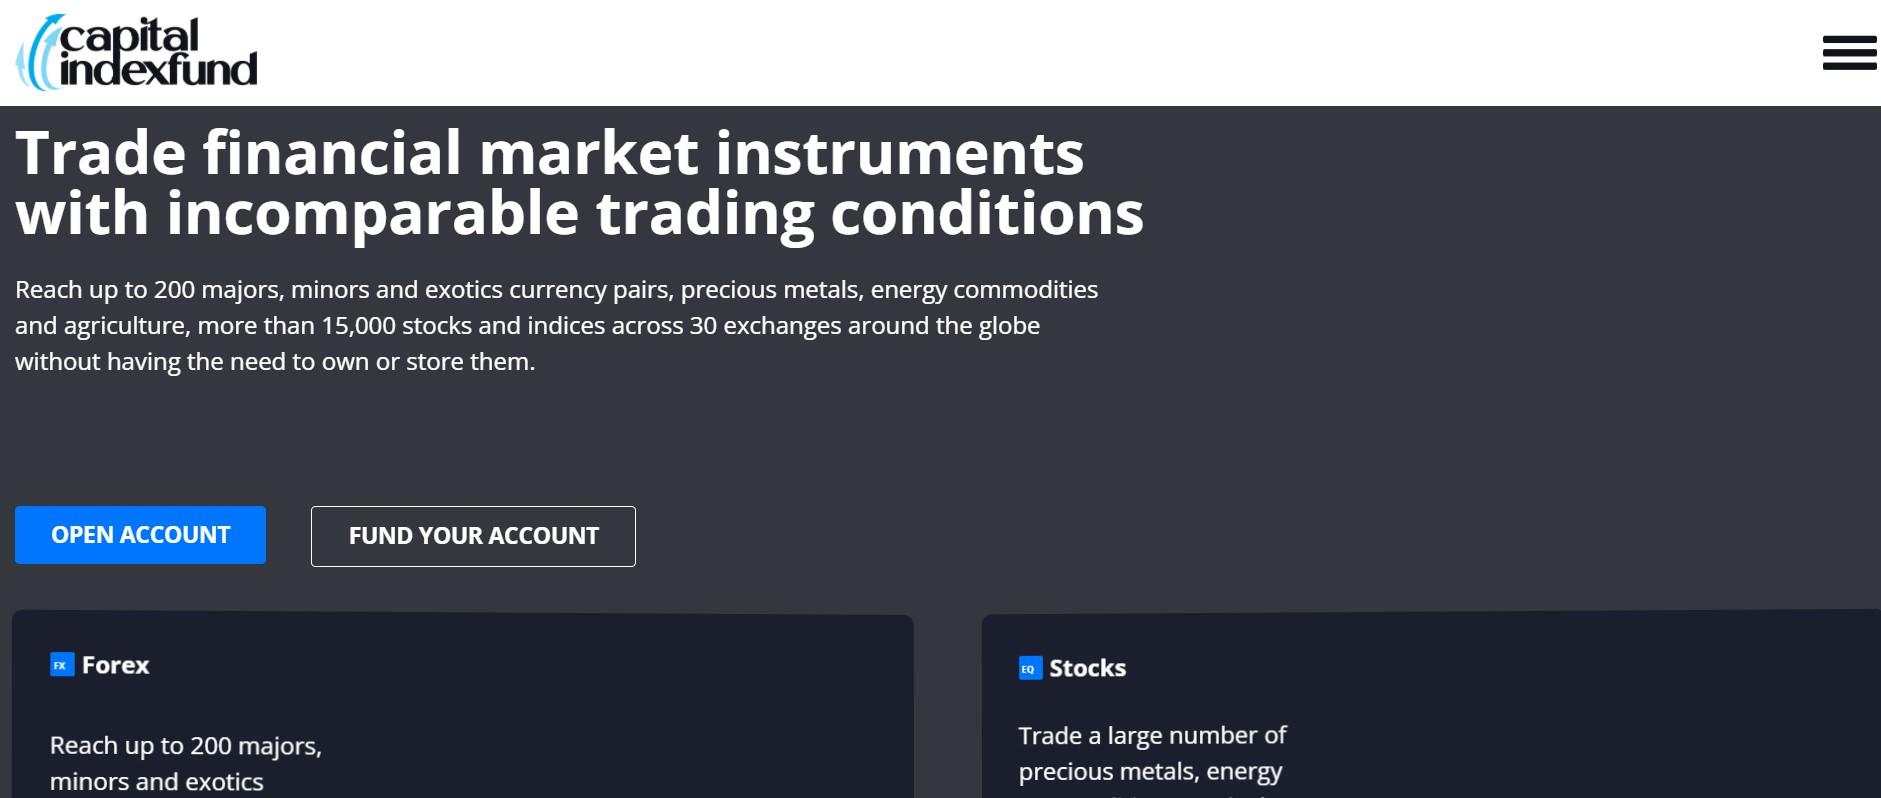 Capital Index Fund website